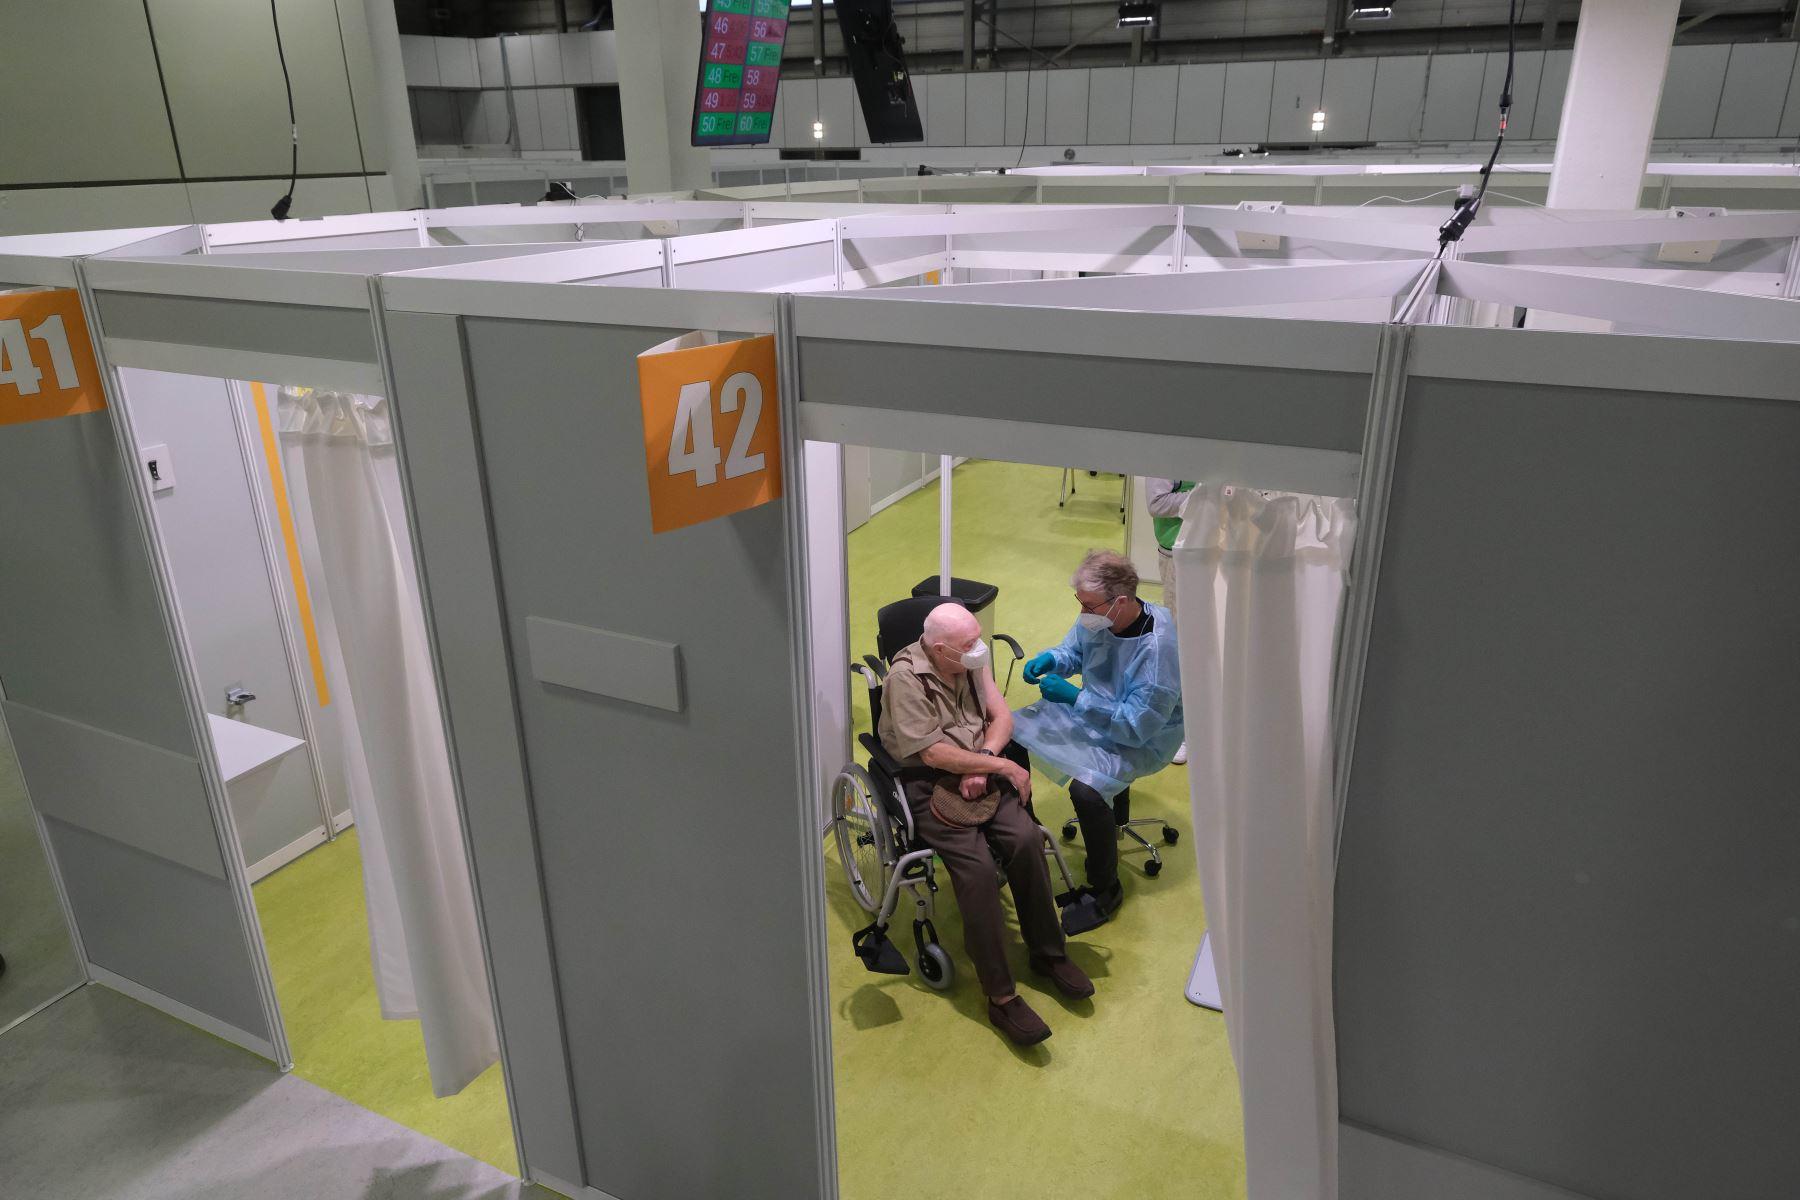 Cabinas para la inoculación contra covid-19 en el recinto ferial Messe Berlin, en el día de apertura del centro durante la segunda ola de la pandemia de coronavirus en Alemania. Foto: AFP